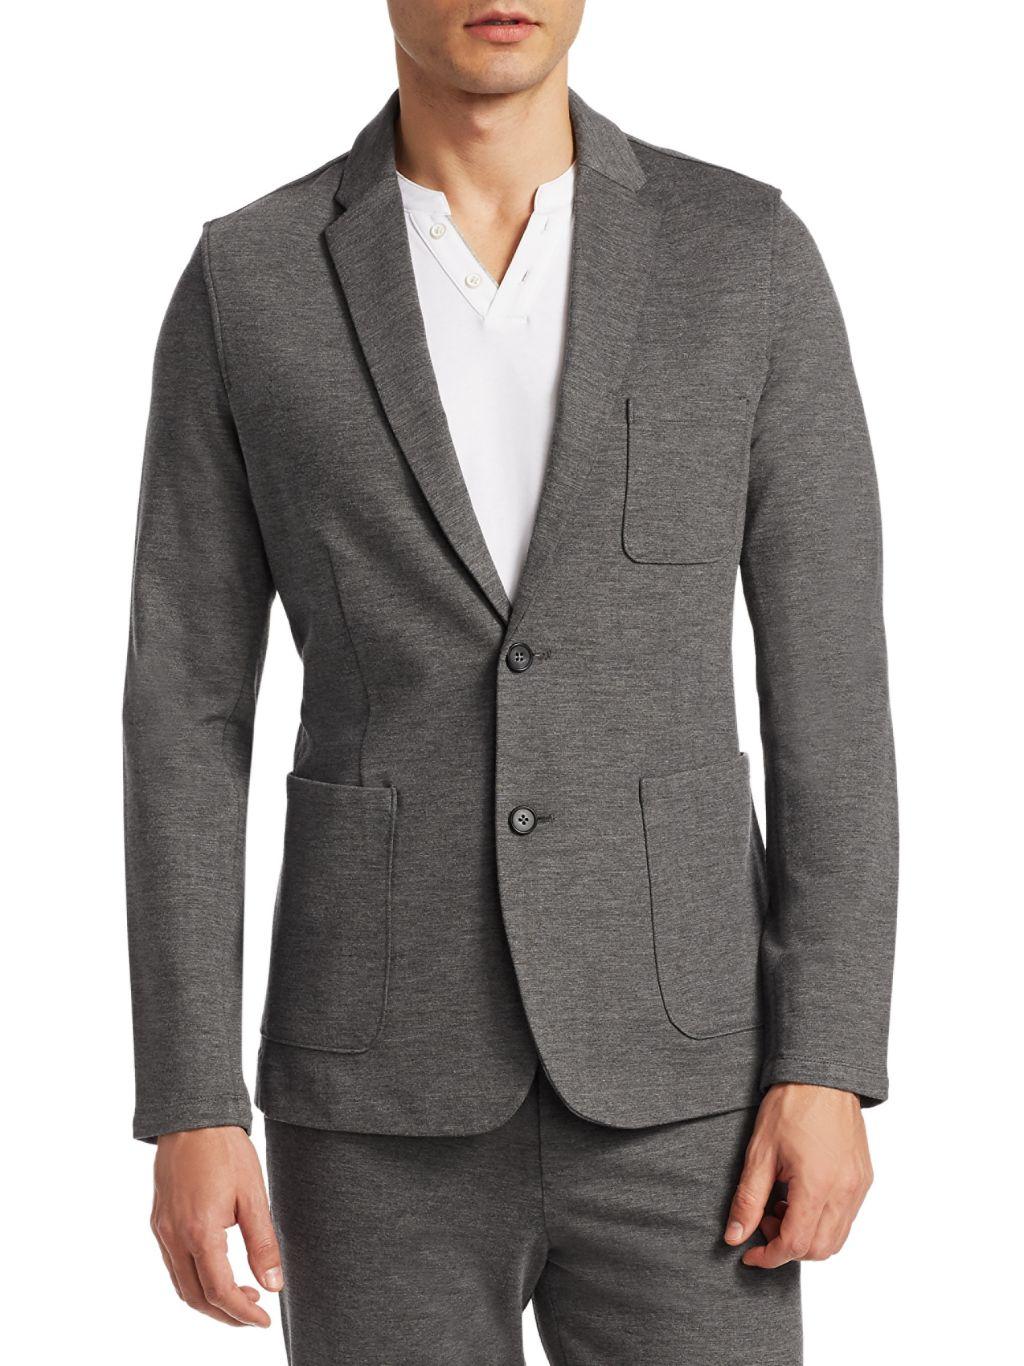 Saks Fifth Avenue MODERN Sneak Suit Jacket